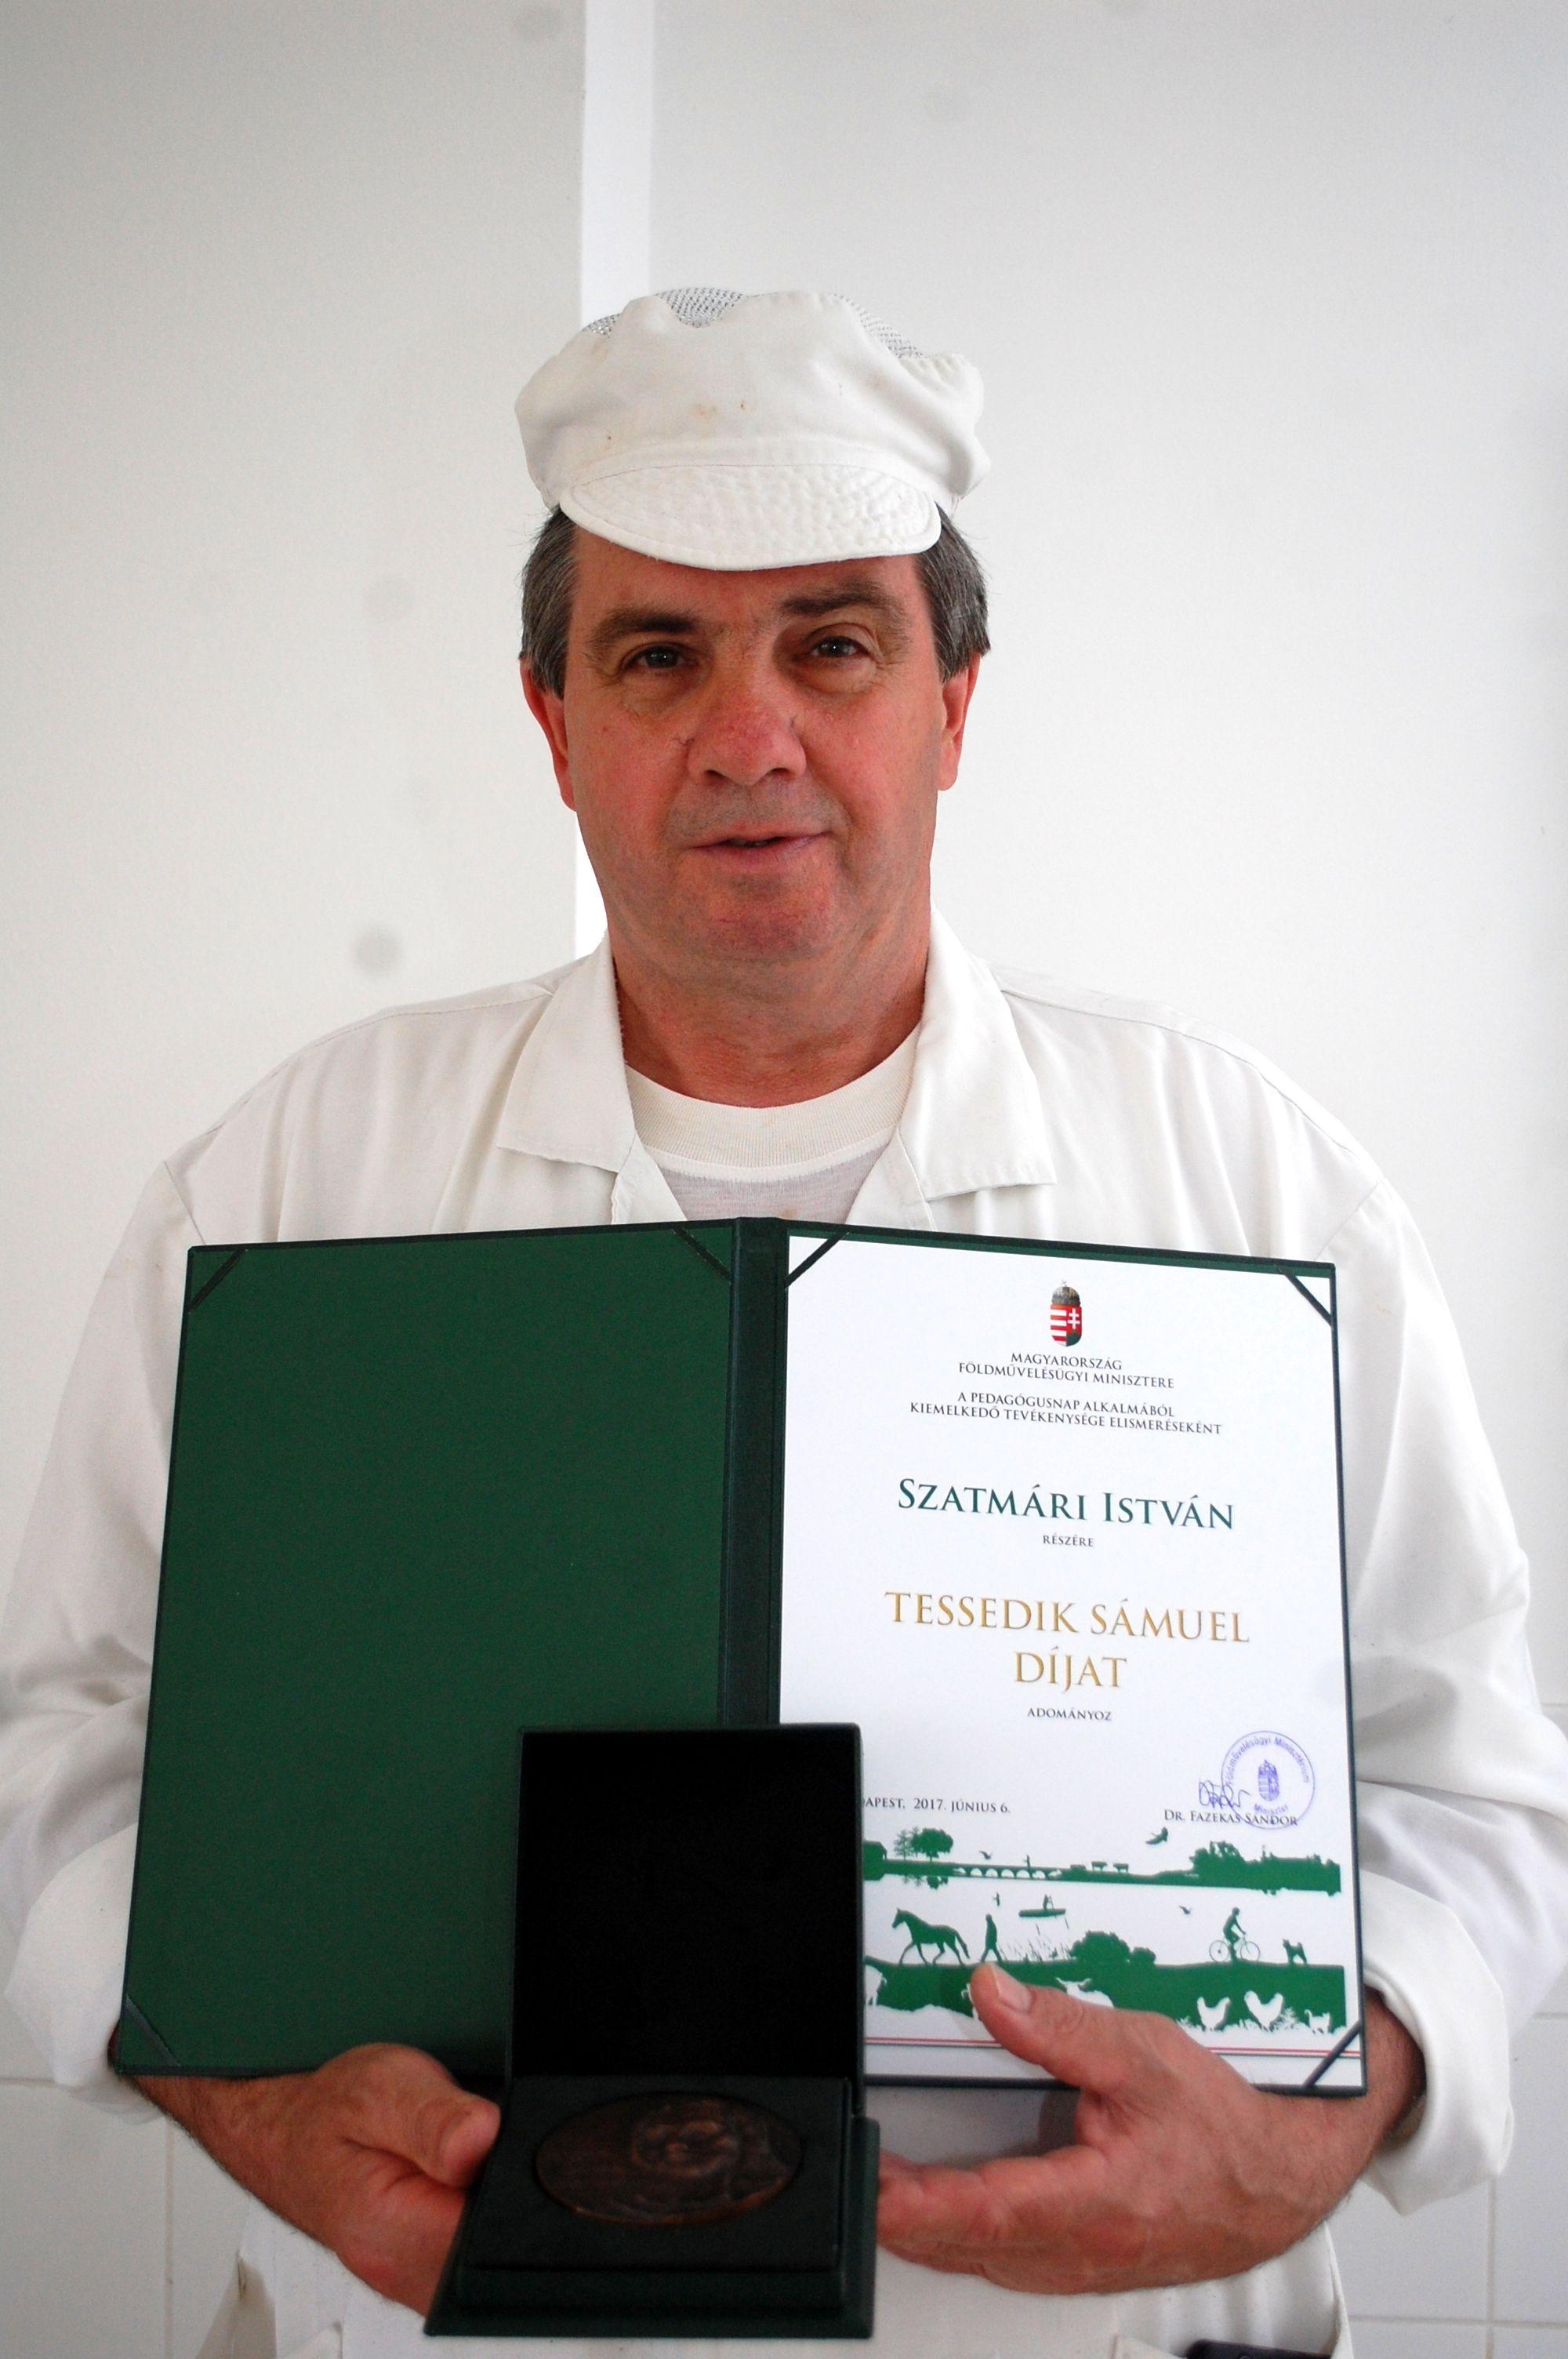 Miniszteri elismerésben részesült a Bugacon élő húsipari szakoktató